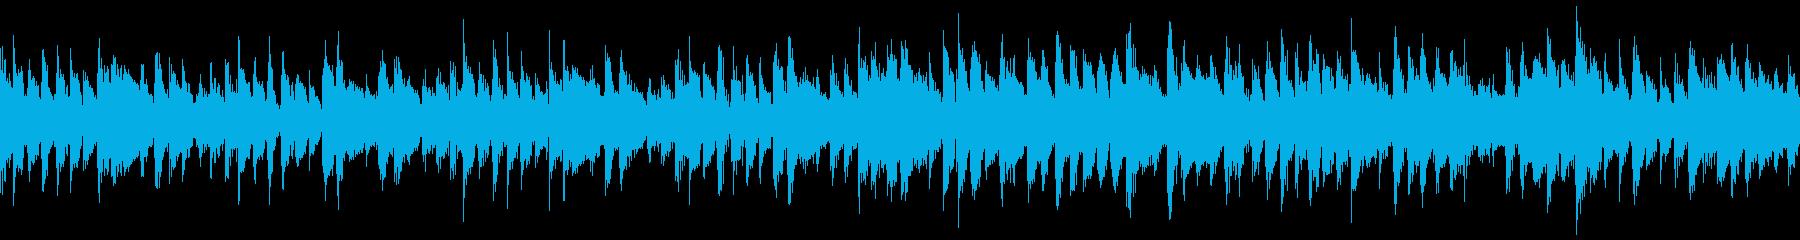 【ループ/30秒】ギター生演奏ボサノバの再生済みの波形